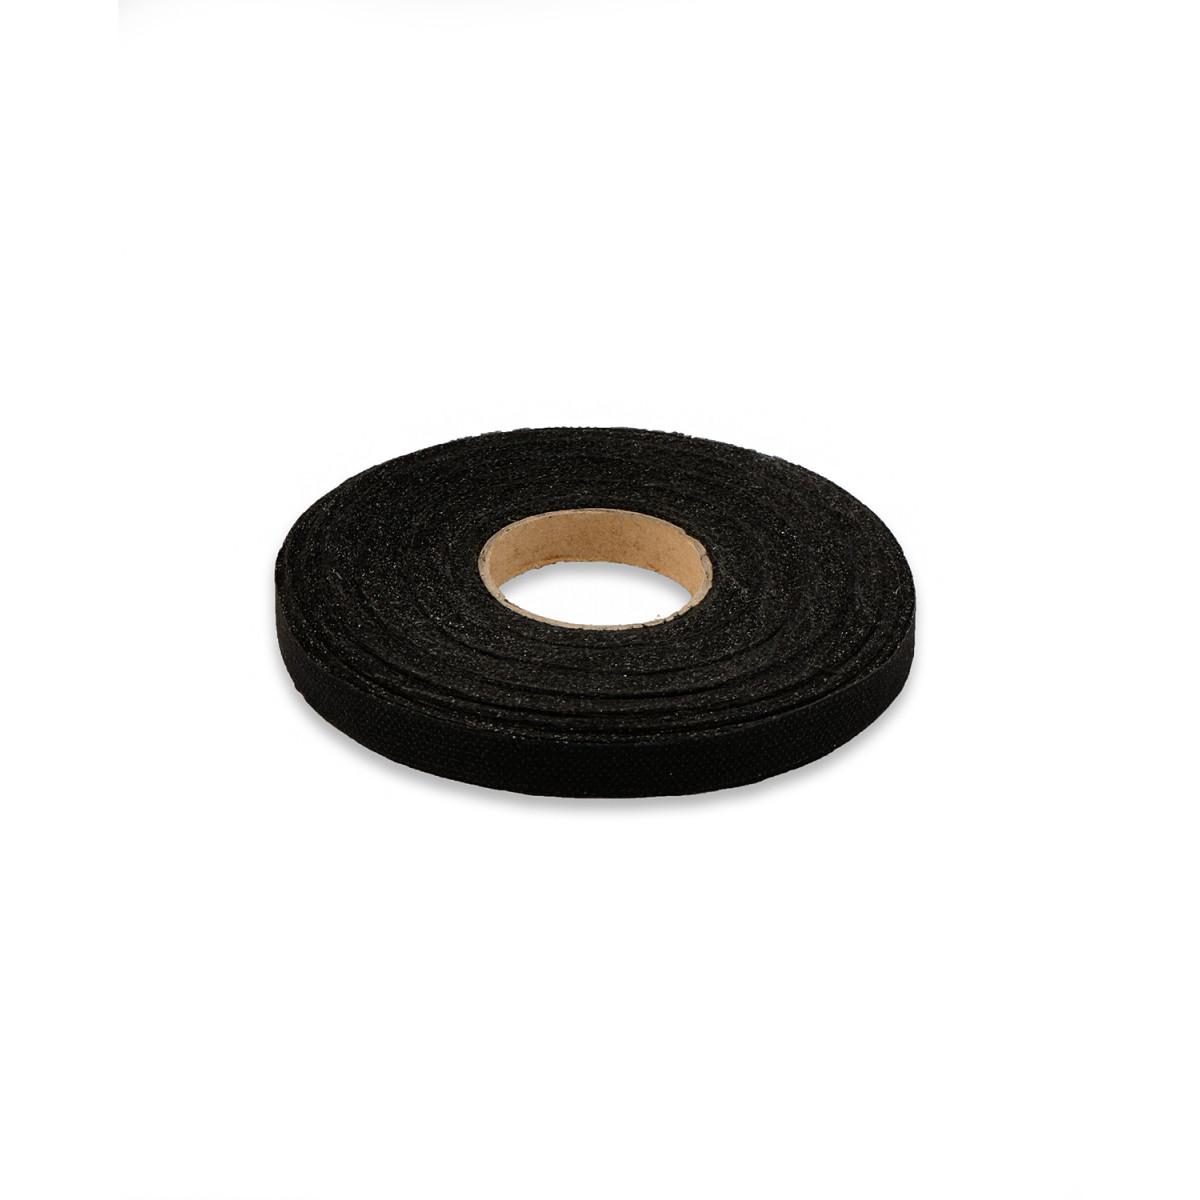 Лента нитепрошивная ш.1 см черный (арт. КЛЕ-17-1-7414.002)